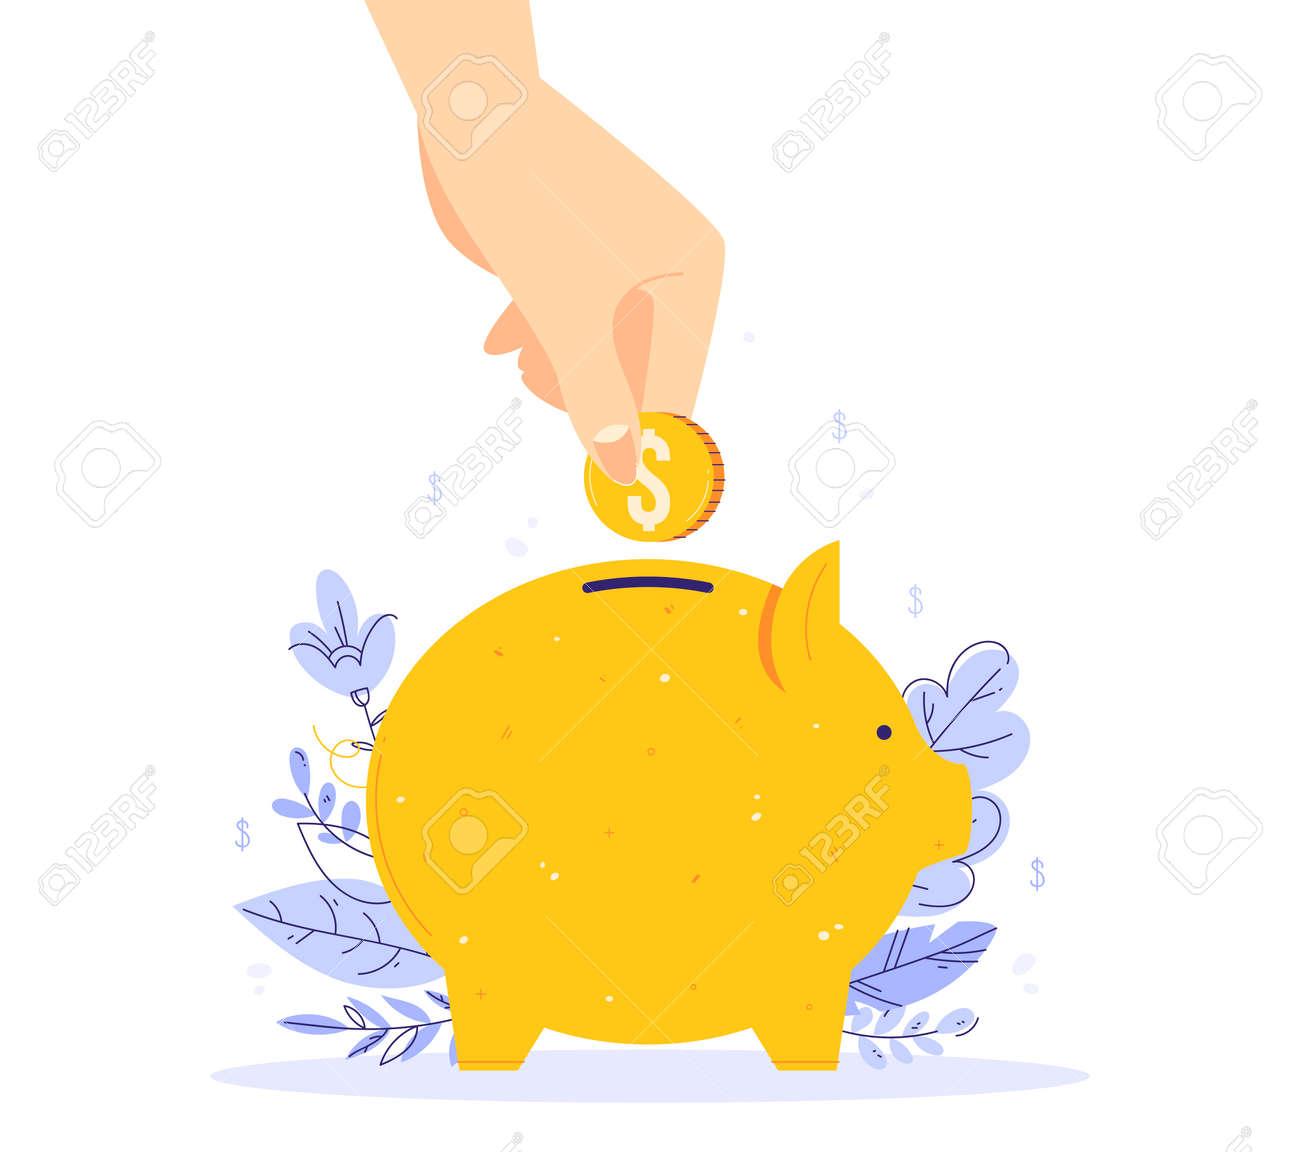 Saving money concept. Human hand put money in a piggy bank - 170358991